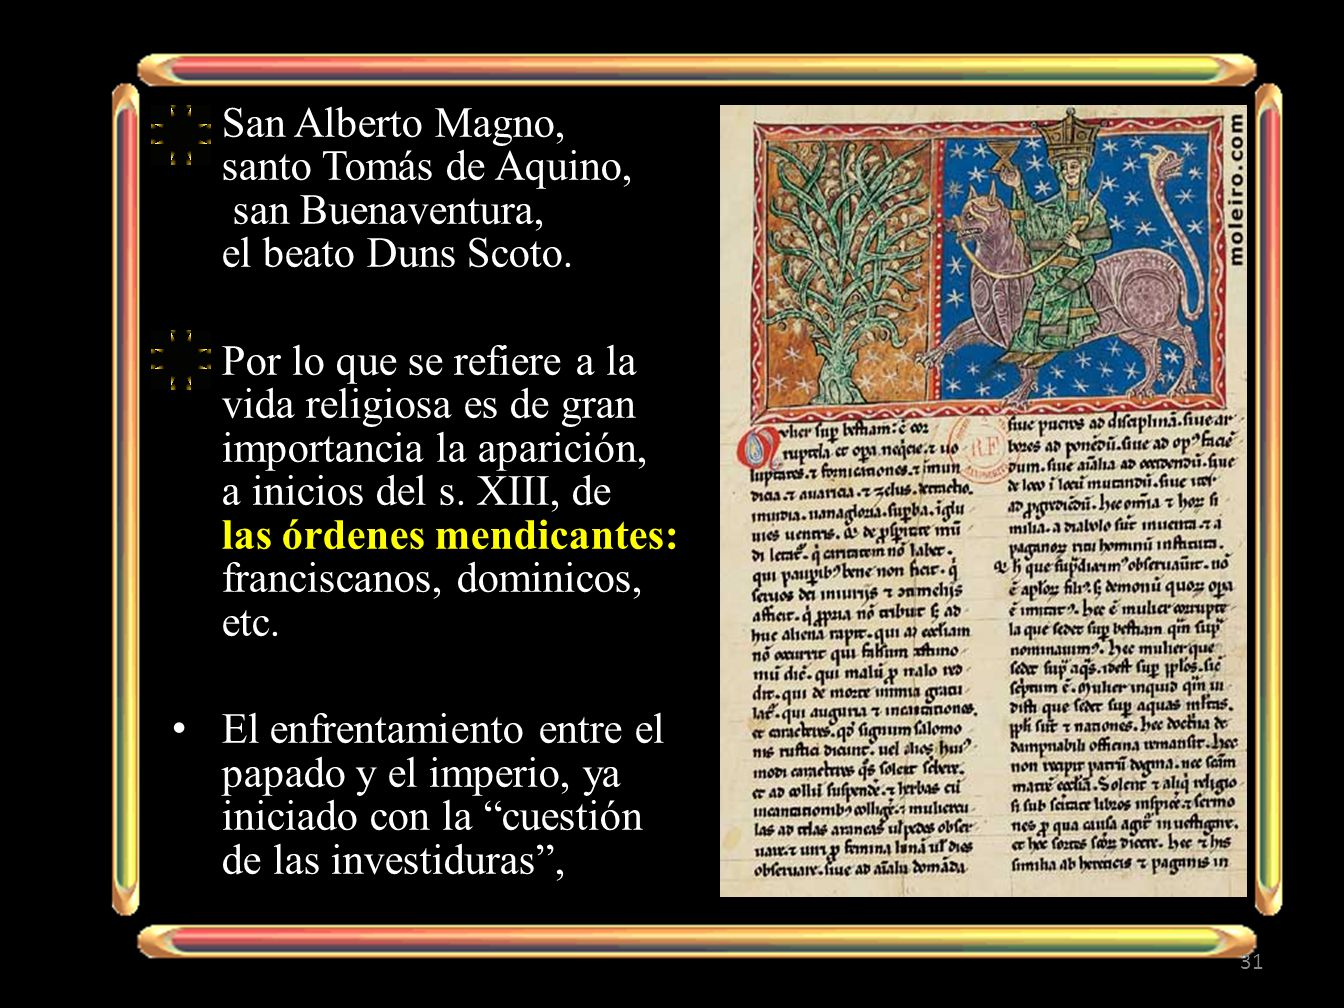 San Alberto Magno, santo Tomás de Aquino, san Buenaventura, el beato Duns Scoto.